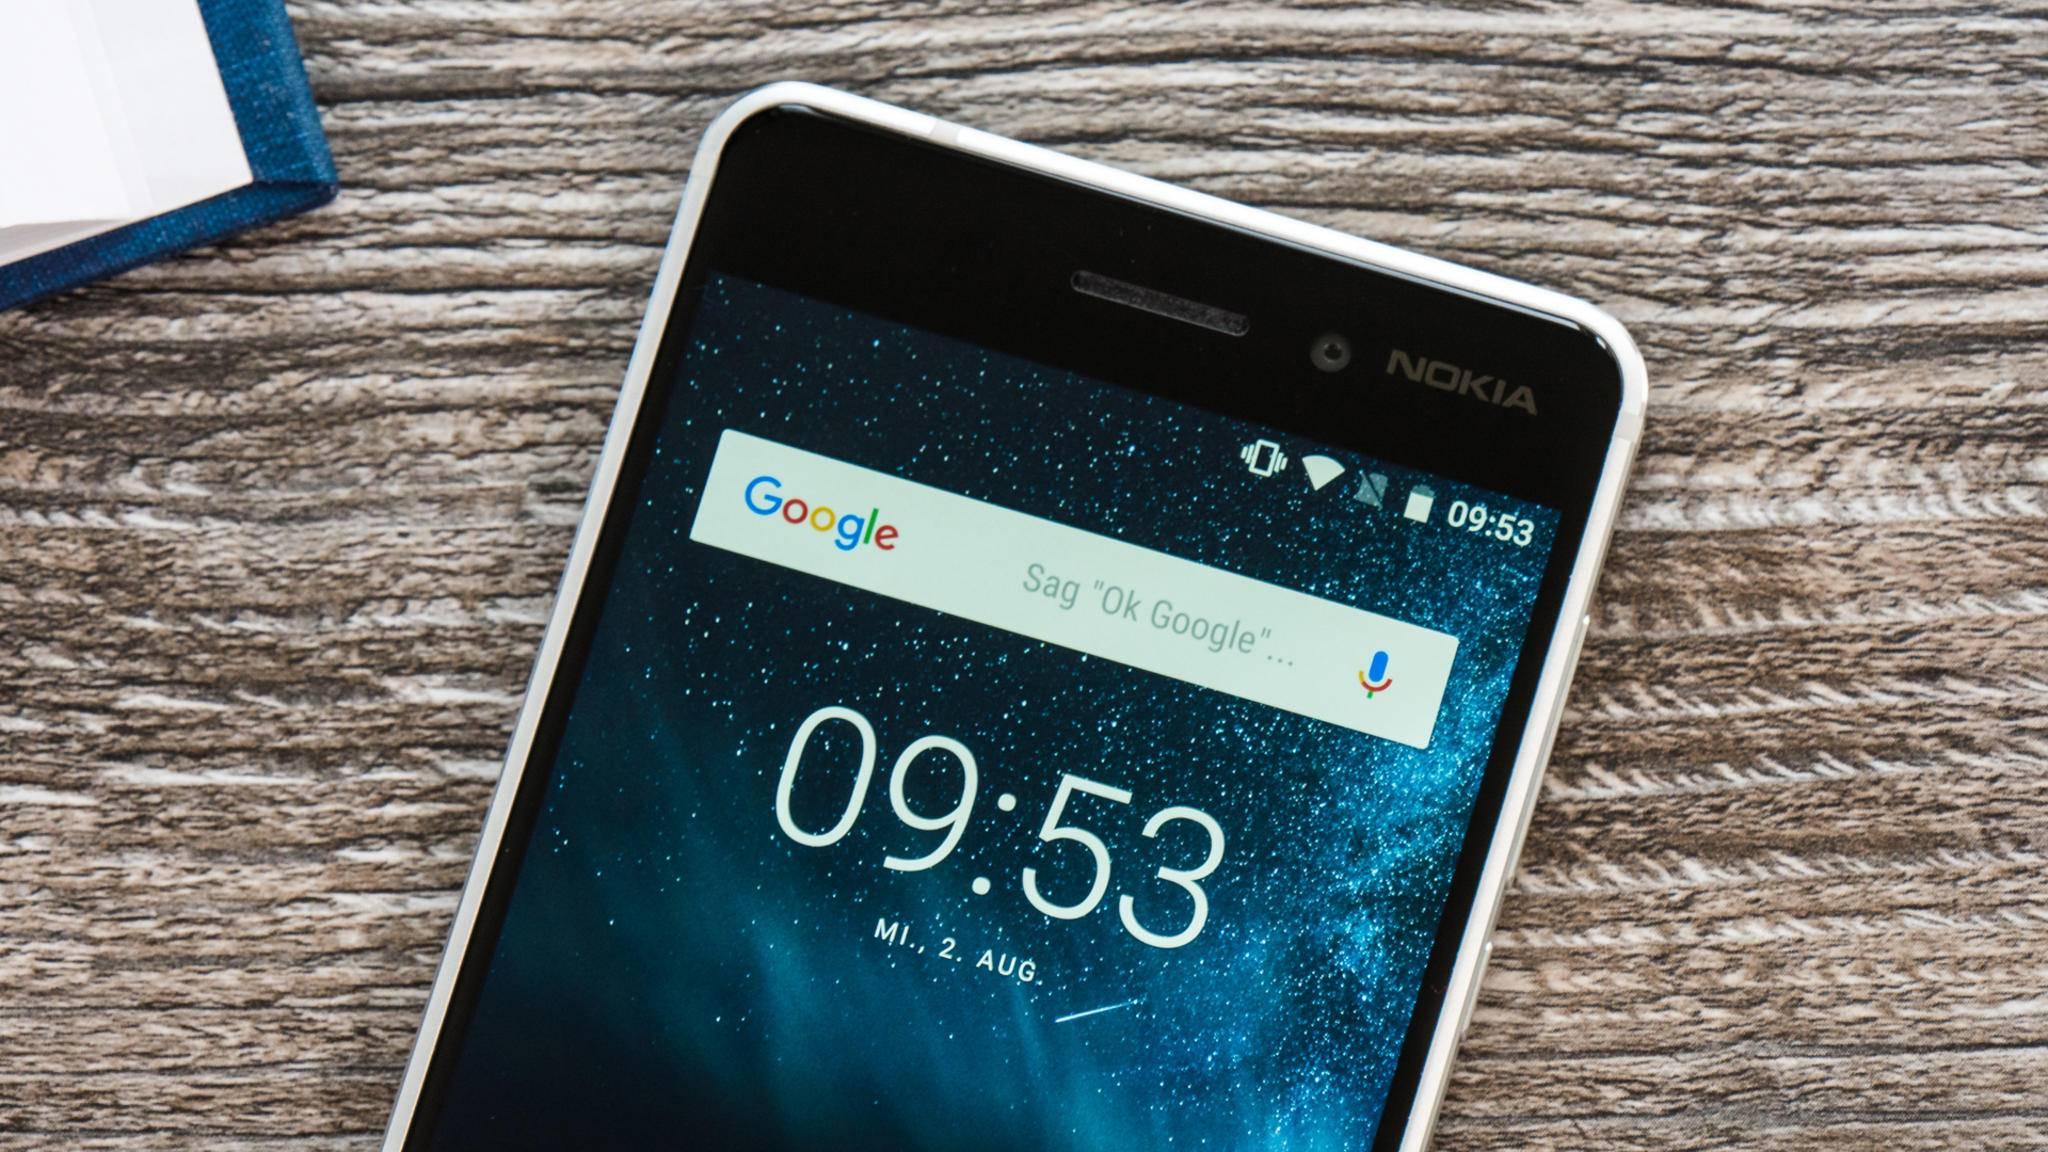 Mit unseren Tipps holst Du mehr aus dem Nokia 6 heraus.